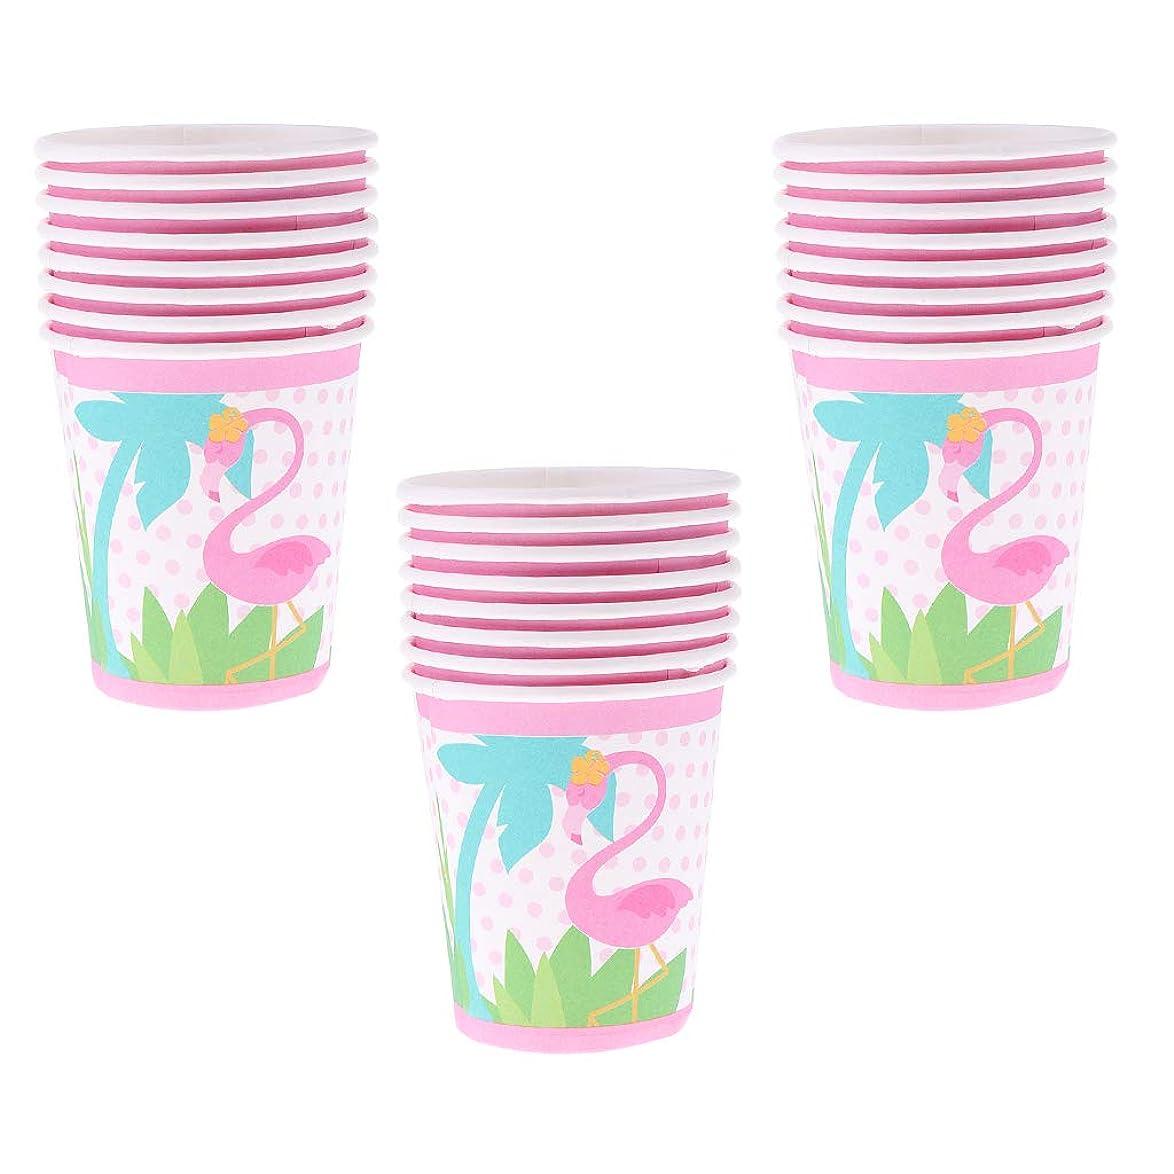 層以前は必要とするD DOLITY 約24個 紙コップ 使い捨て食器 ペーパーカップ 可愛い フラミンゴ ピンク 子供パーティー